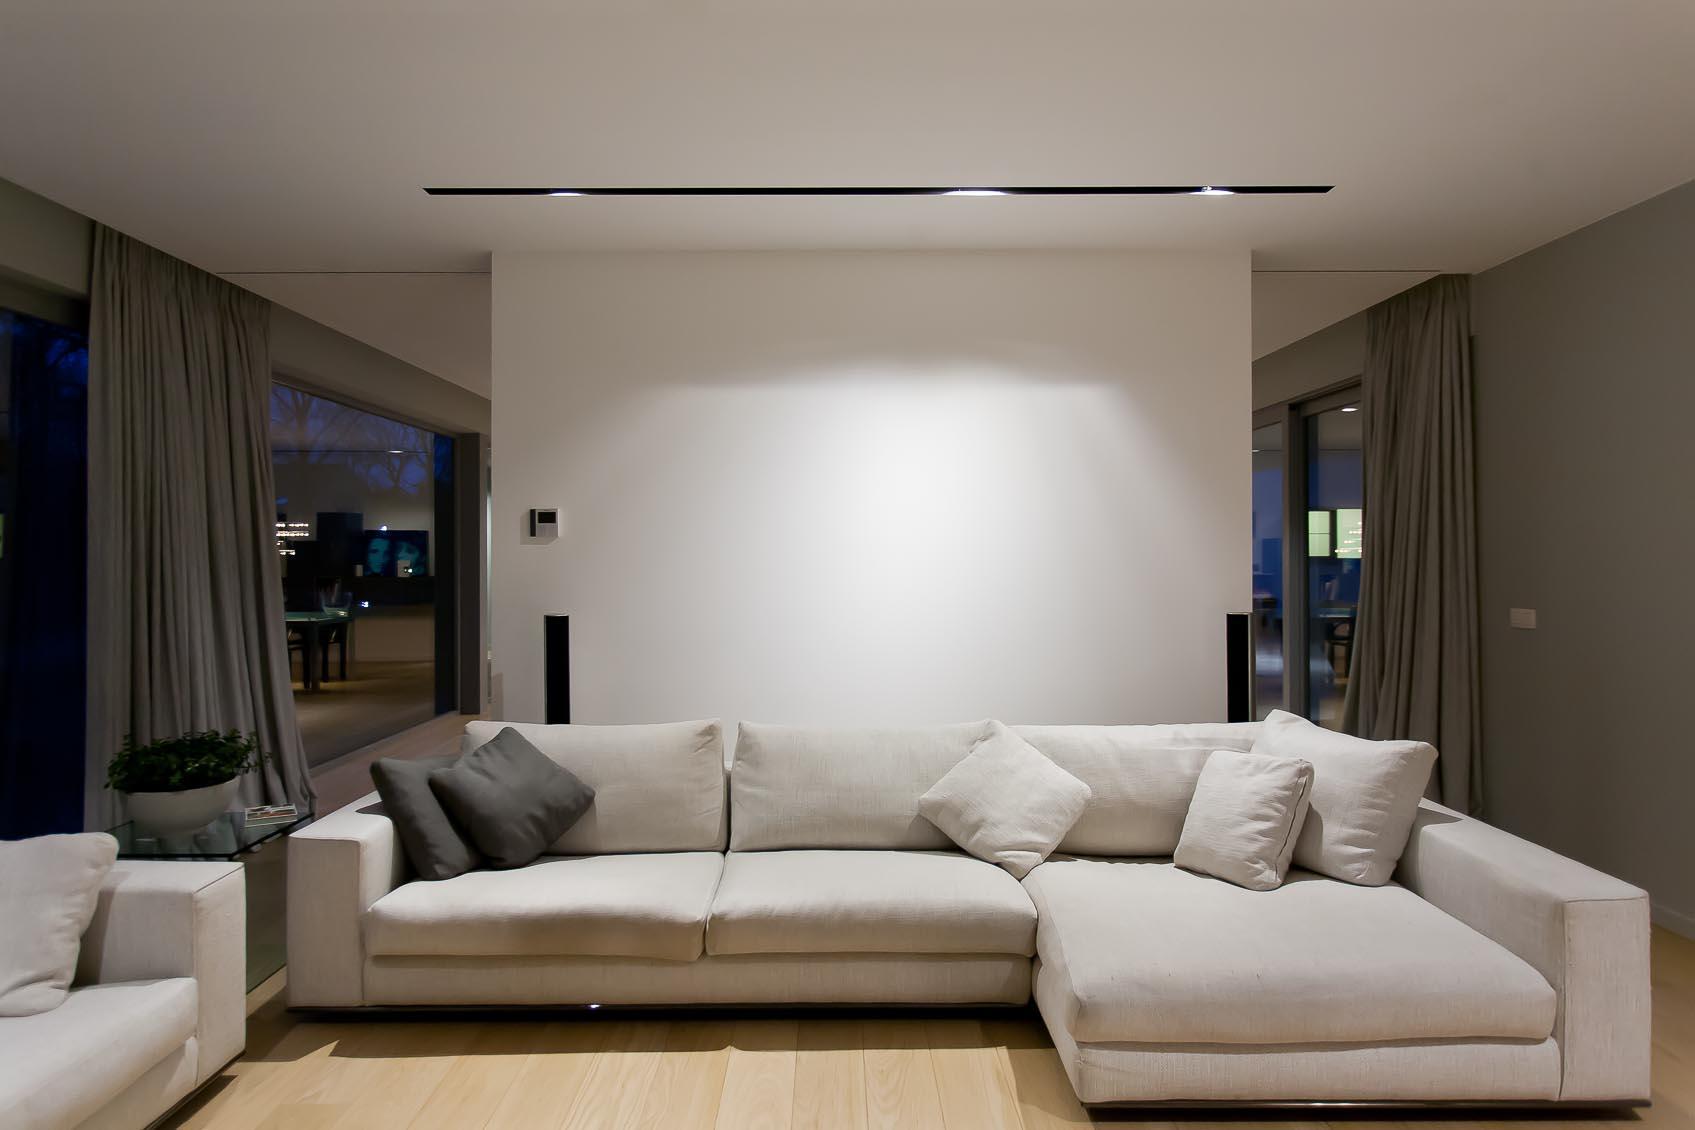 viabizzuno lichtlijn met verborgen opgestelde richtbare spots voor de juiste lichtsfeer